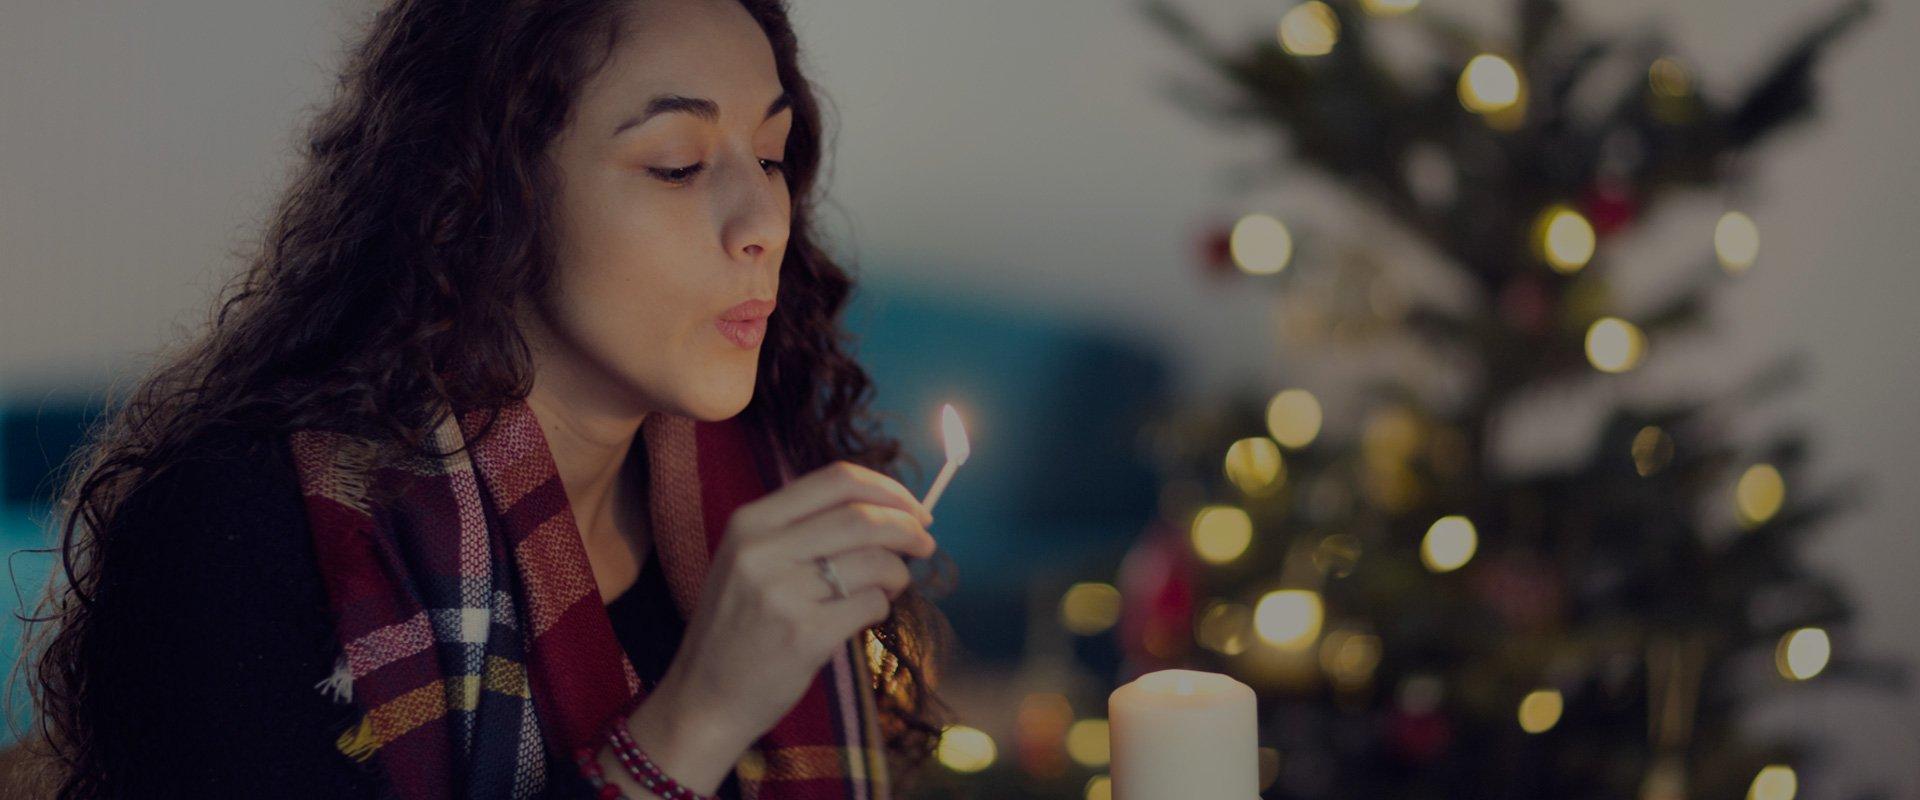 jeune femme brune aux cheveux bouclés souffle une allumette sur une bougie près d'un sapin de noel